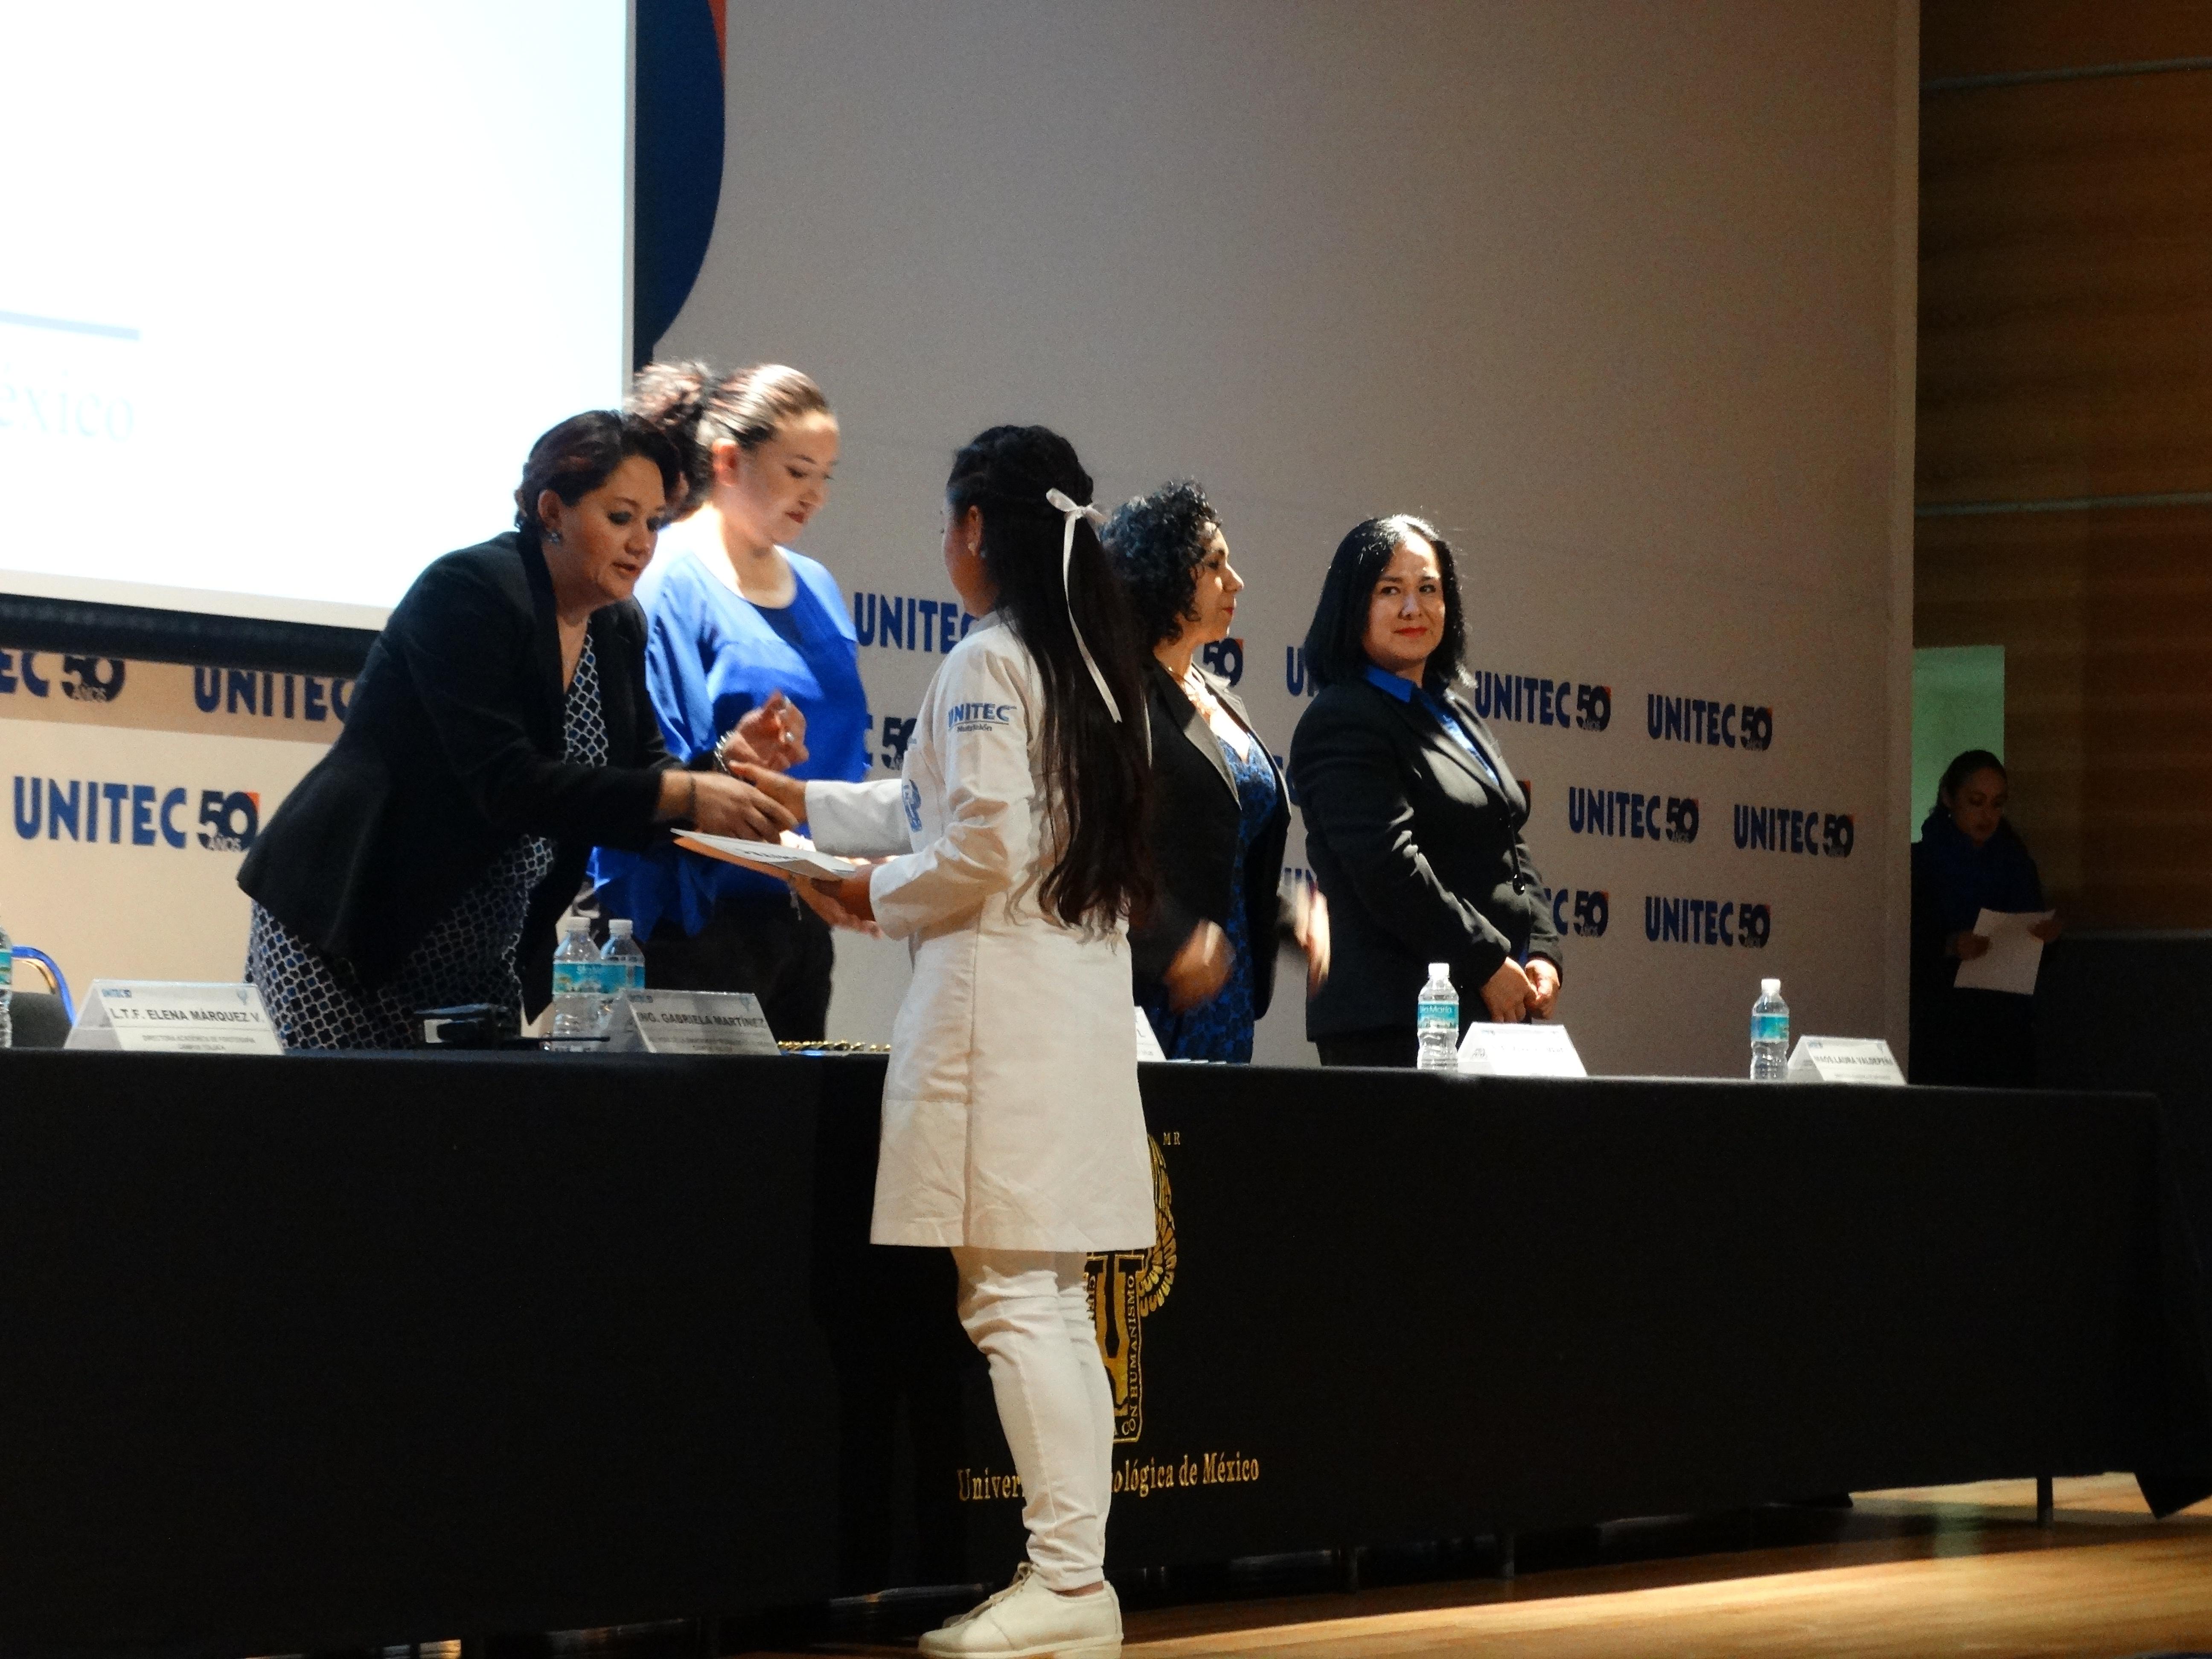 Celebran ceremonia de iniciación de Campos Clínicos en Campus Toluca - Featured Image